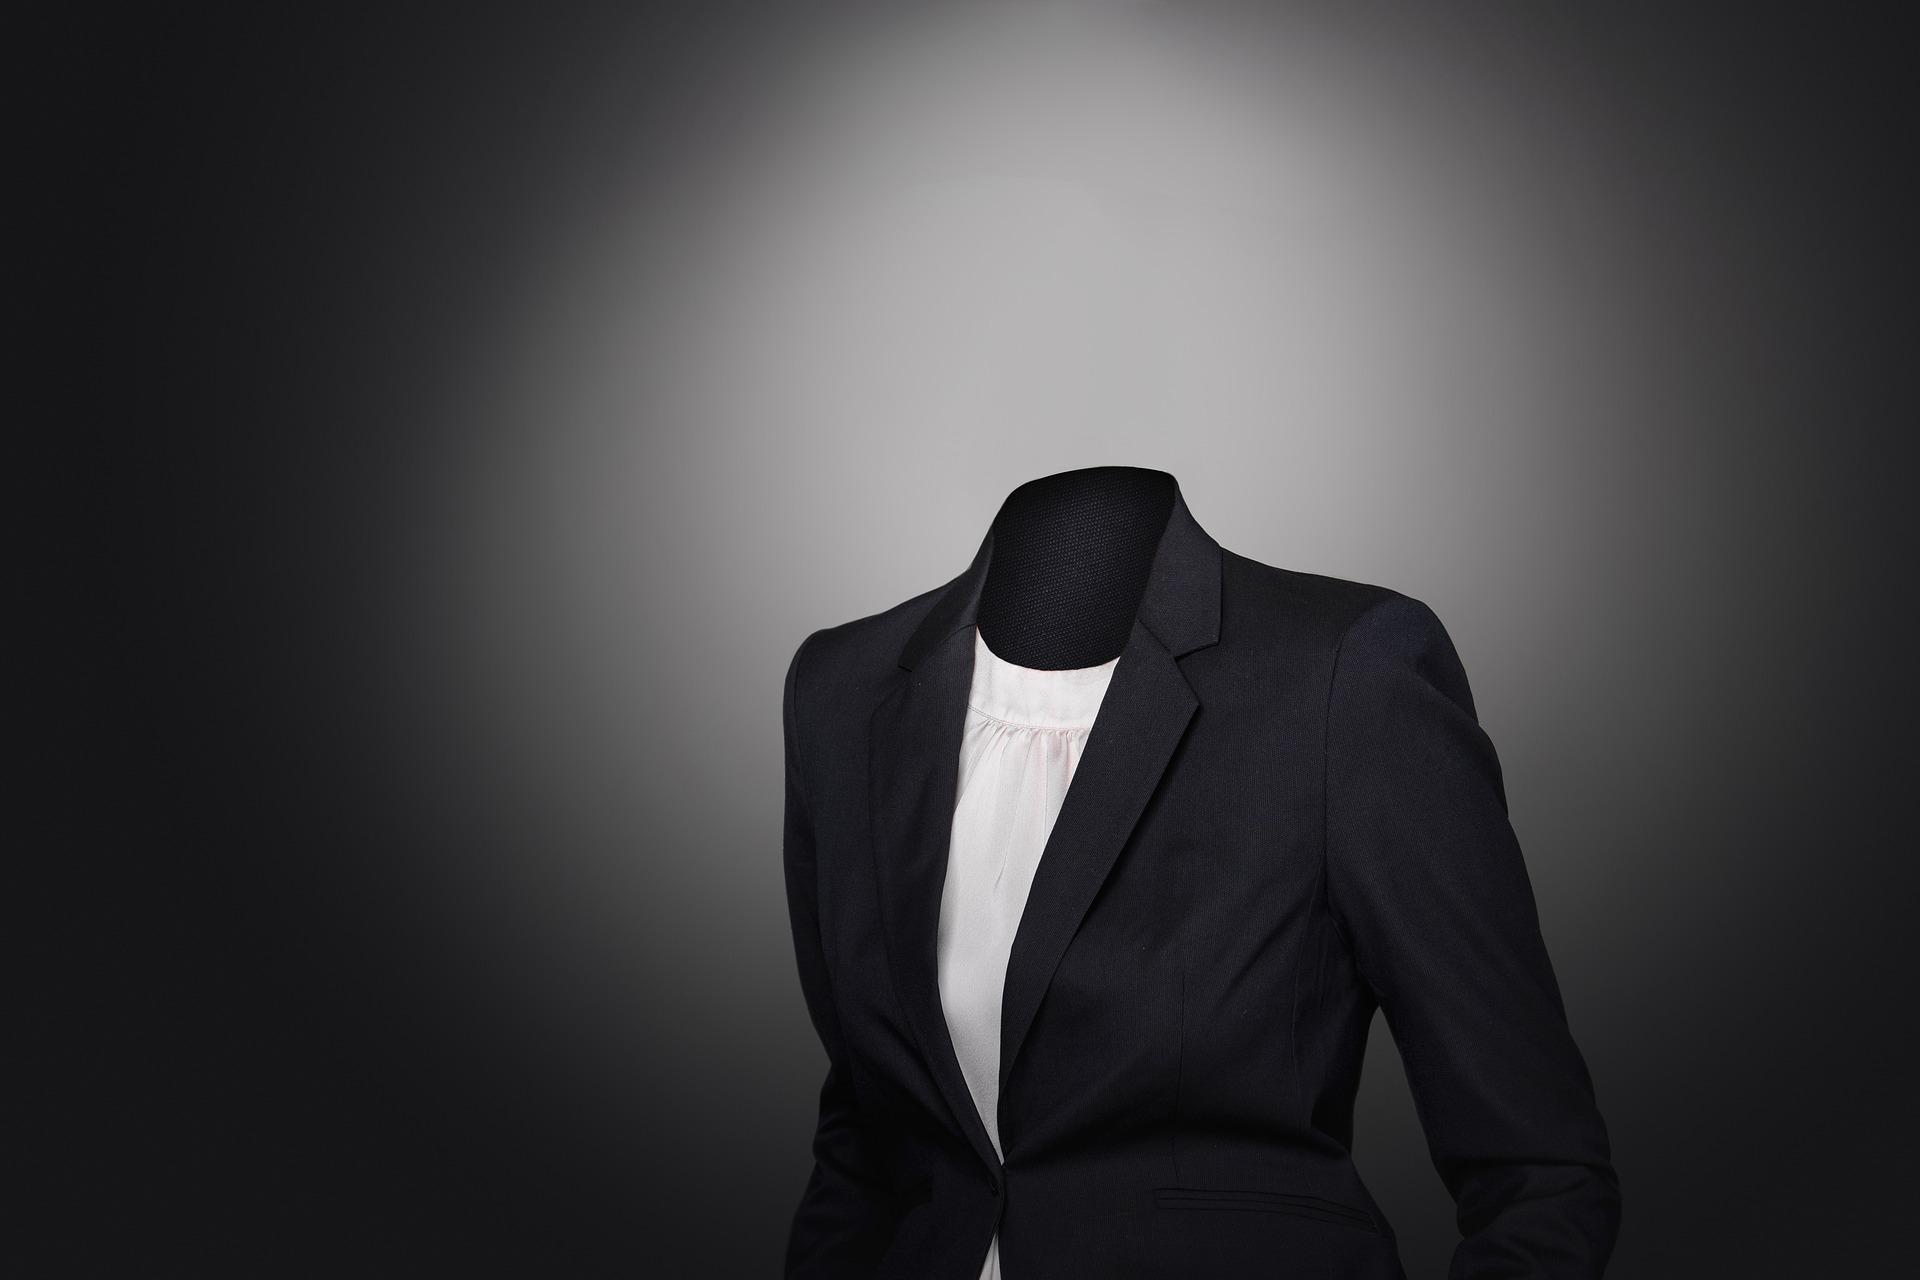 理想 イメージ スーツ